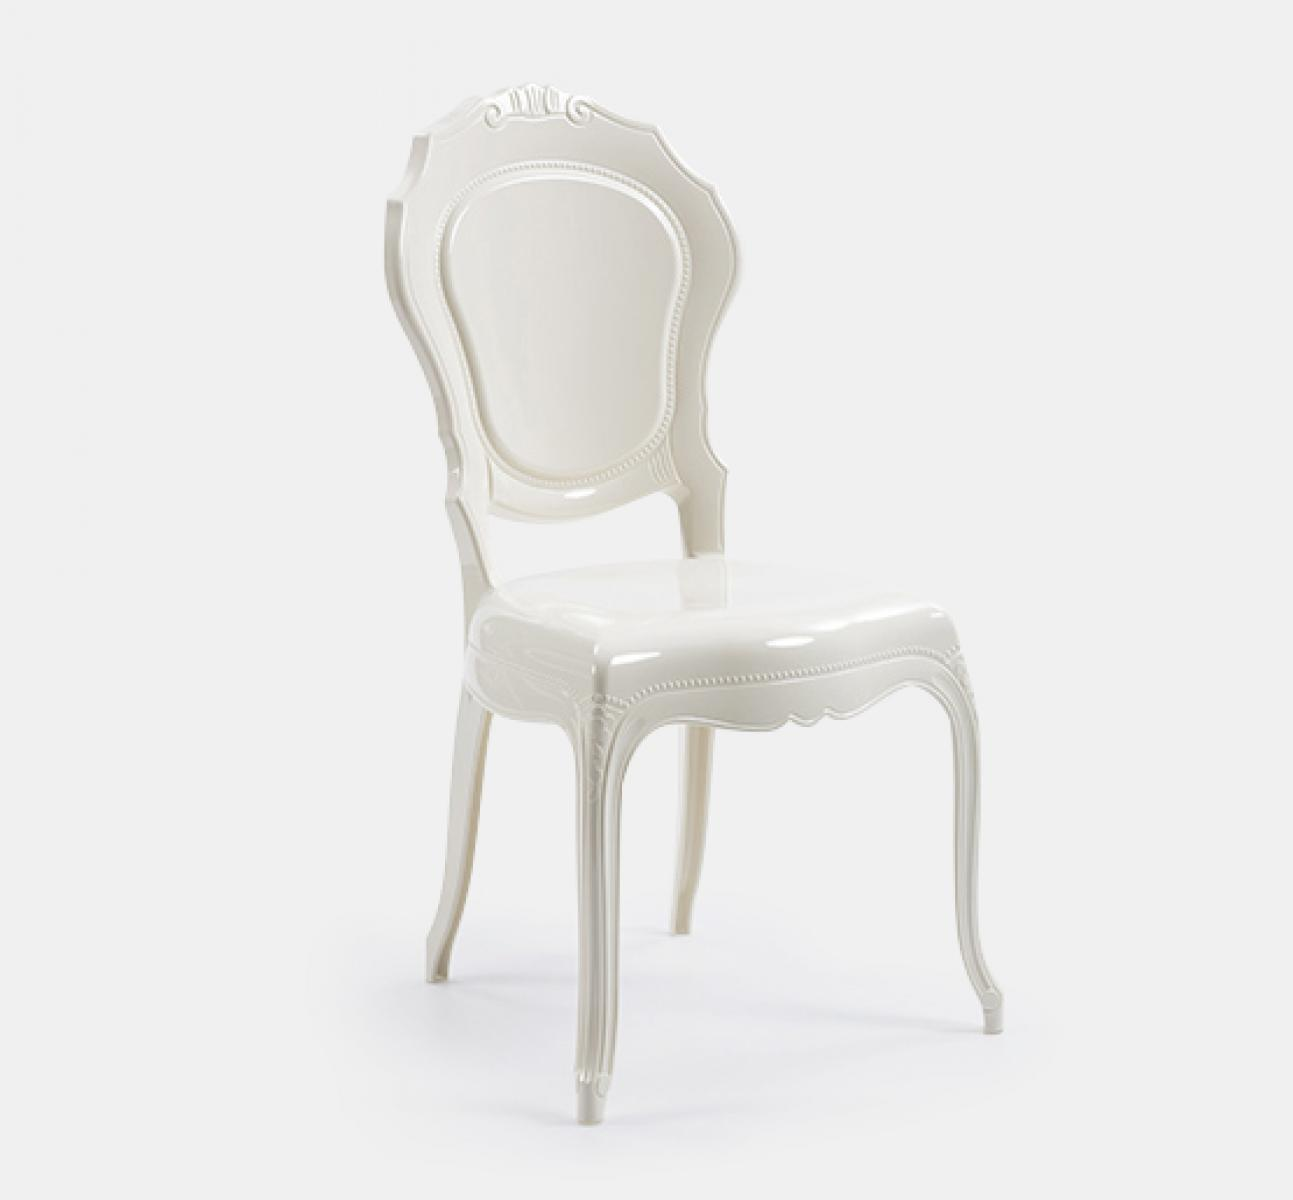 Clic Chair